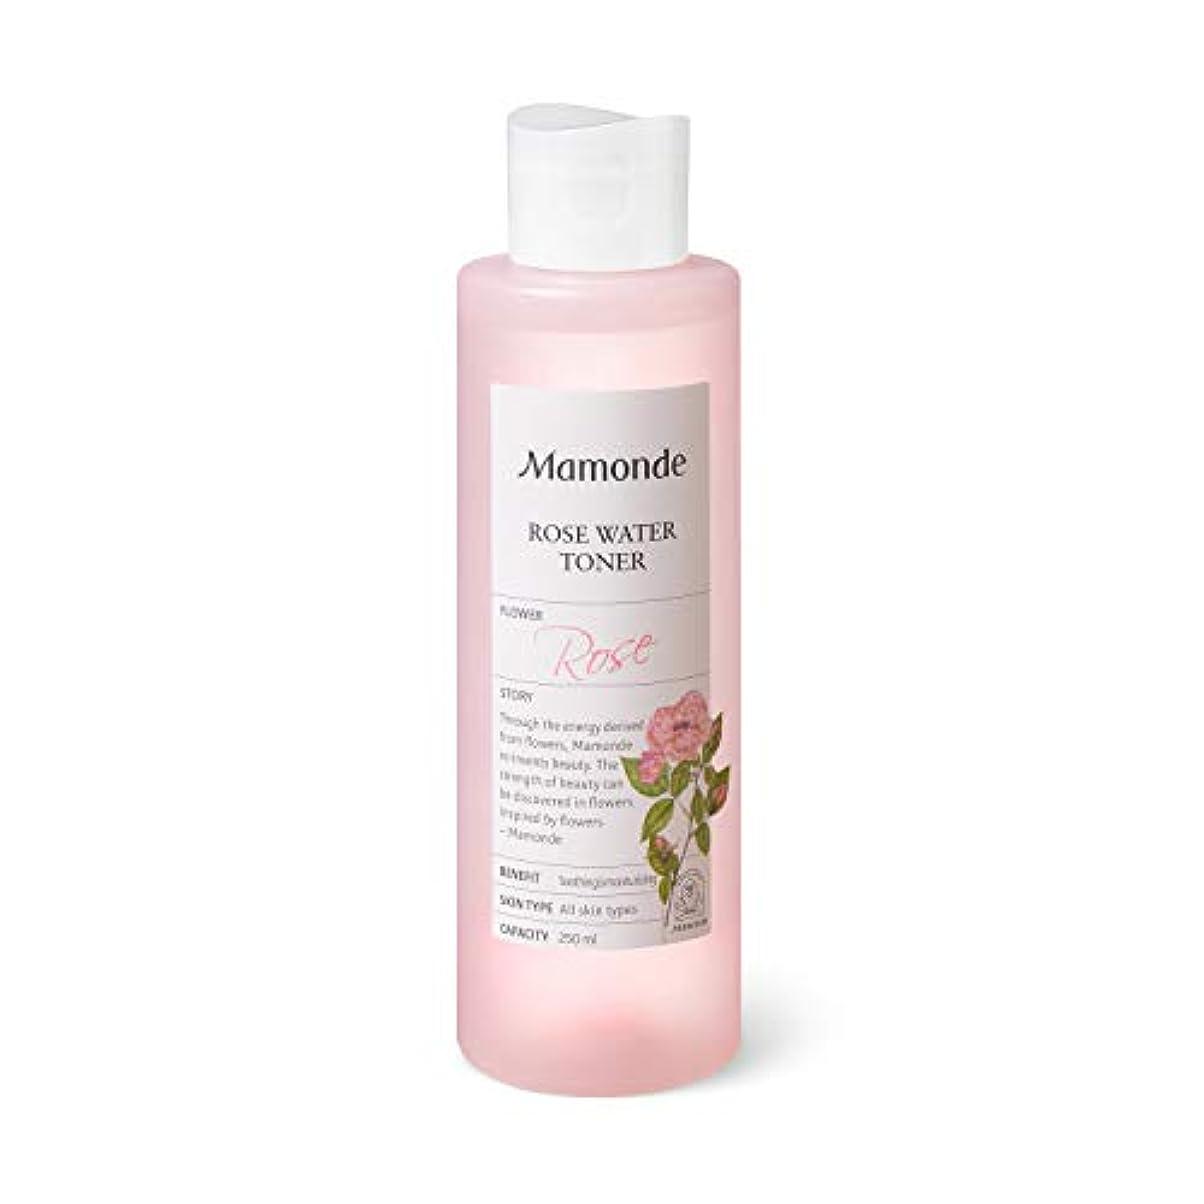 一晩冷酷なアトラス[マモンド]ローズウォータートナー(Mamonde Rose Water Toner 250ml)